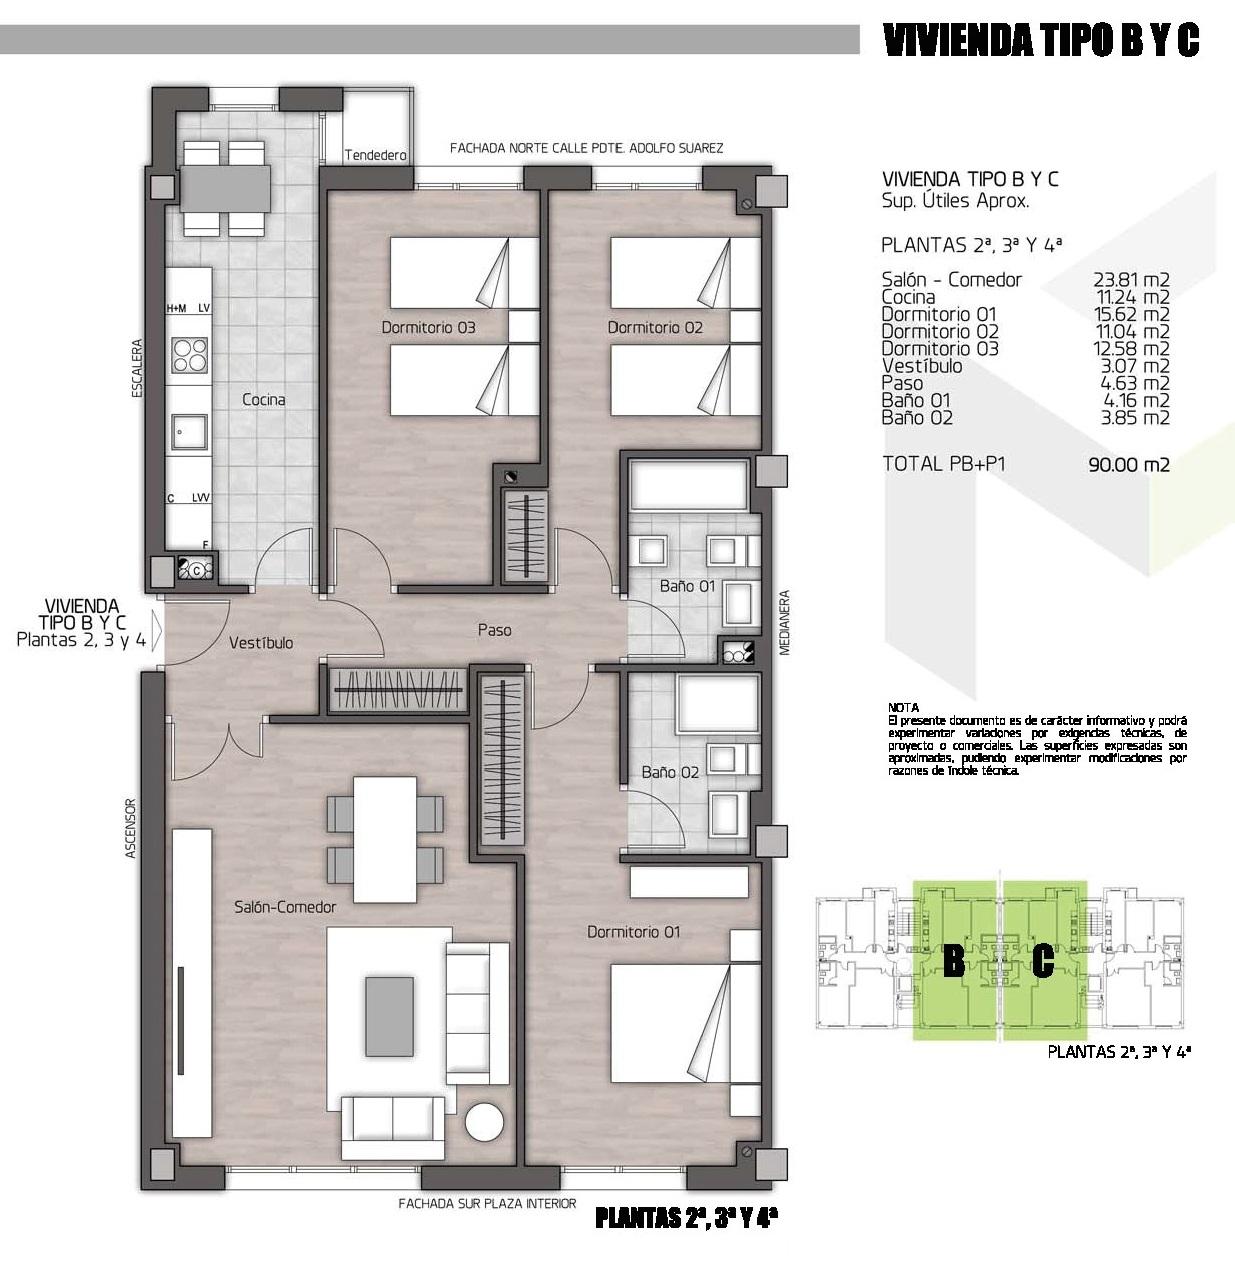 -eu-west-1.amazonaws.com/mobilia/Portals/inmoatrio/Images/4966/2240927